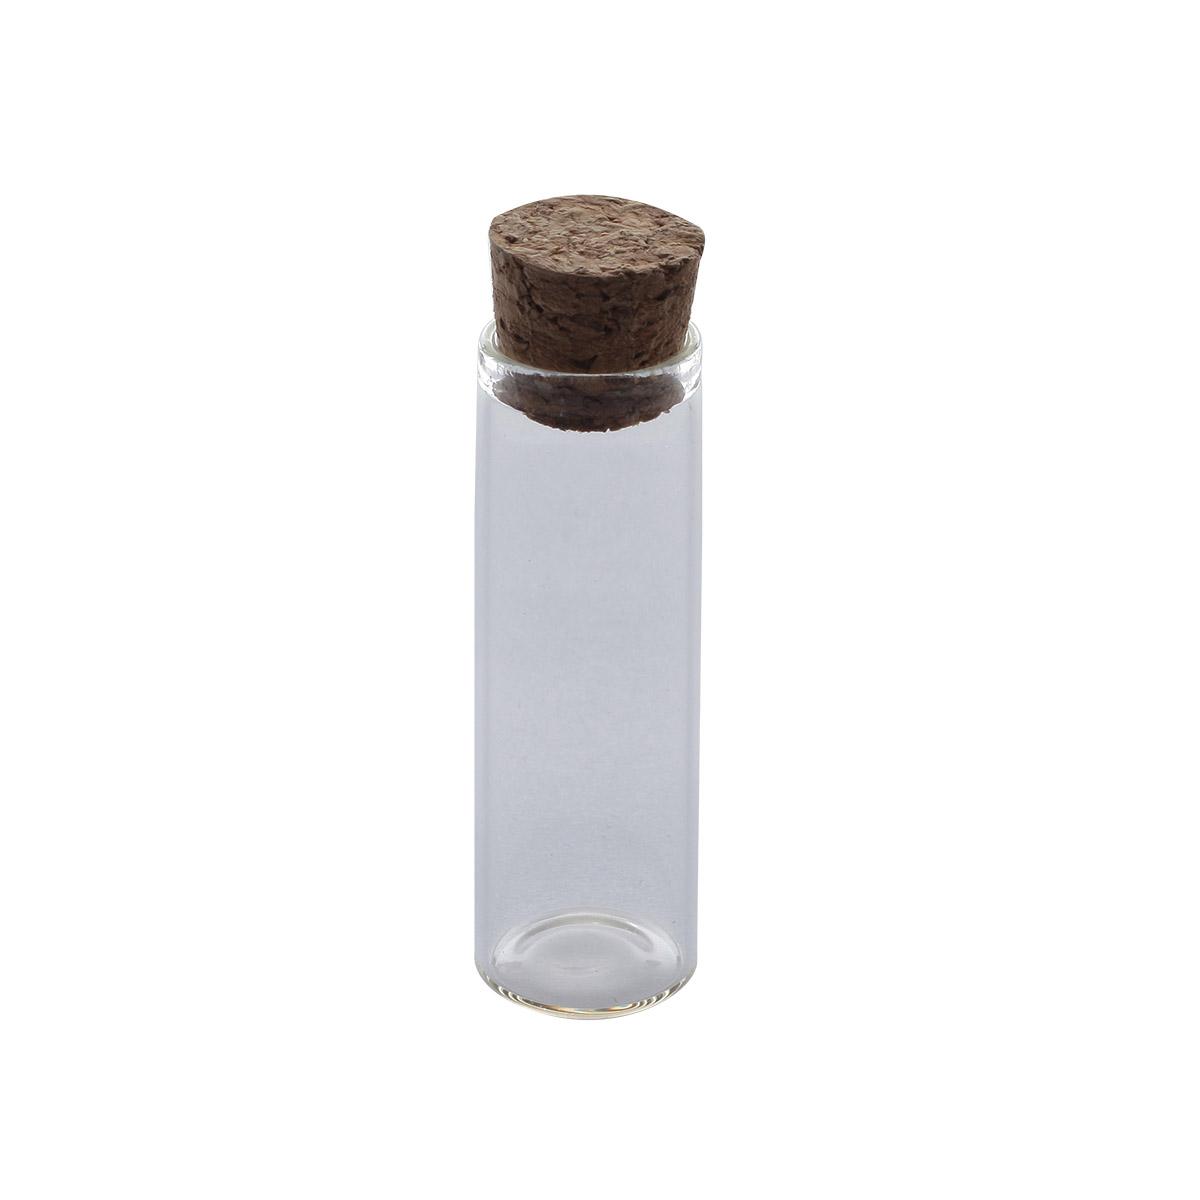 AR272 Стеклянная бутылочка с пробкой 1,6*5см